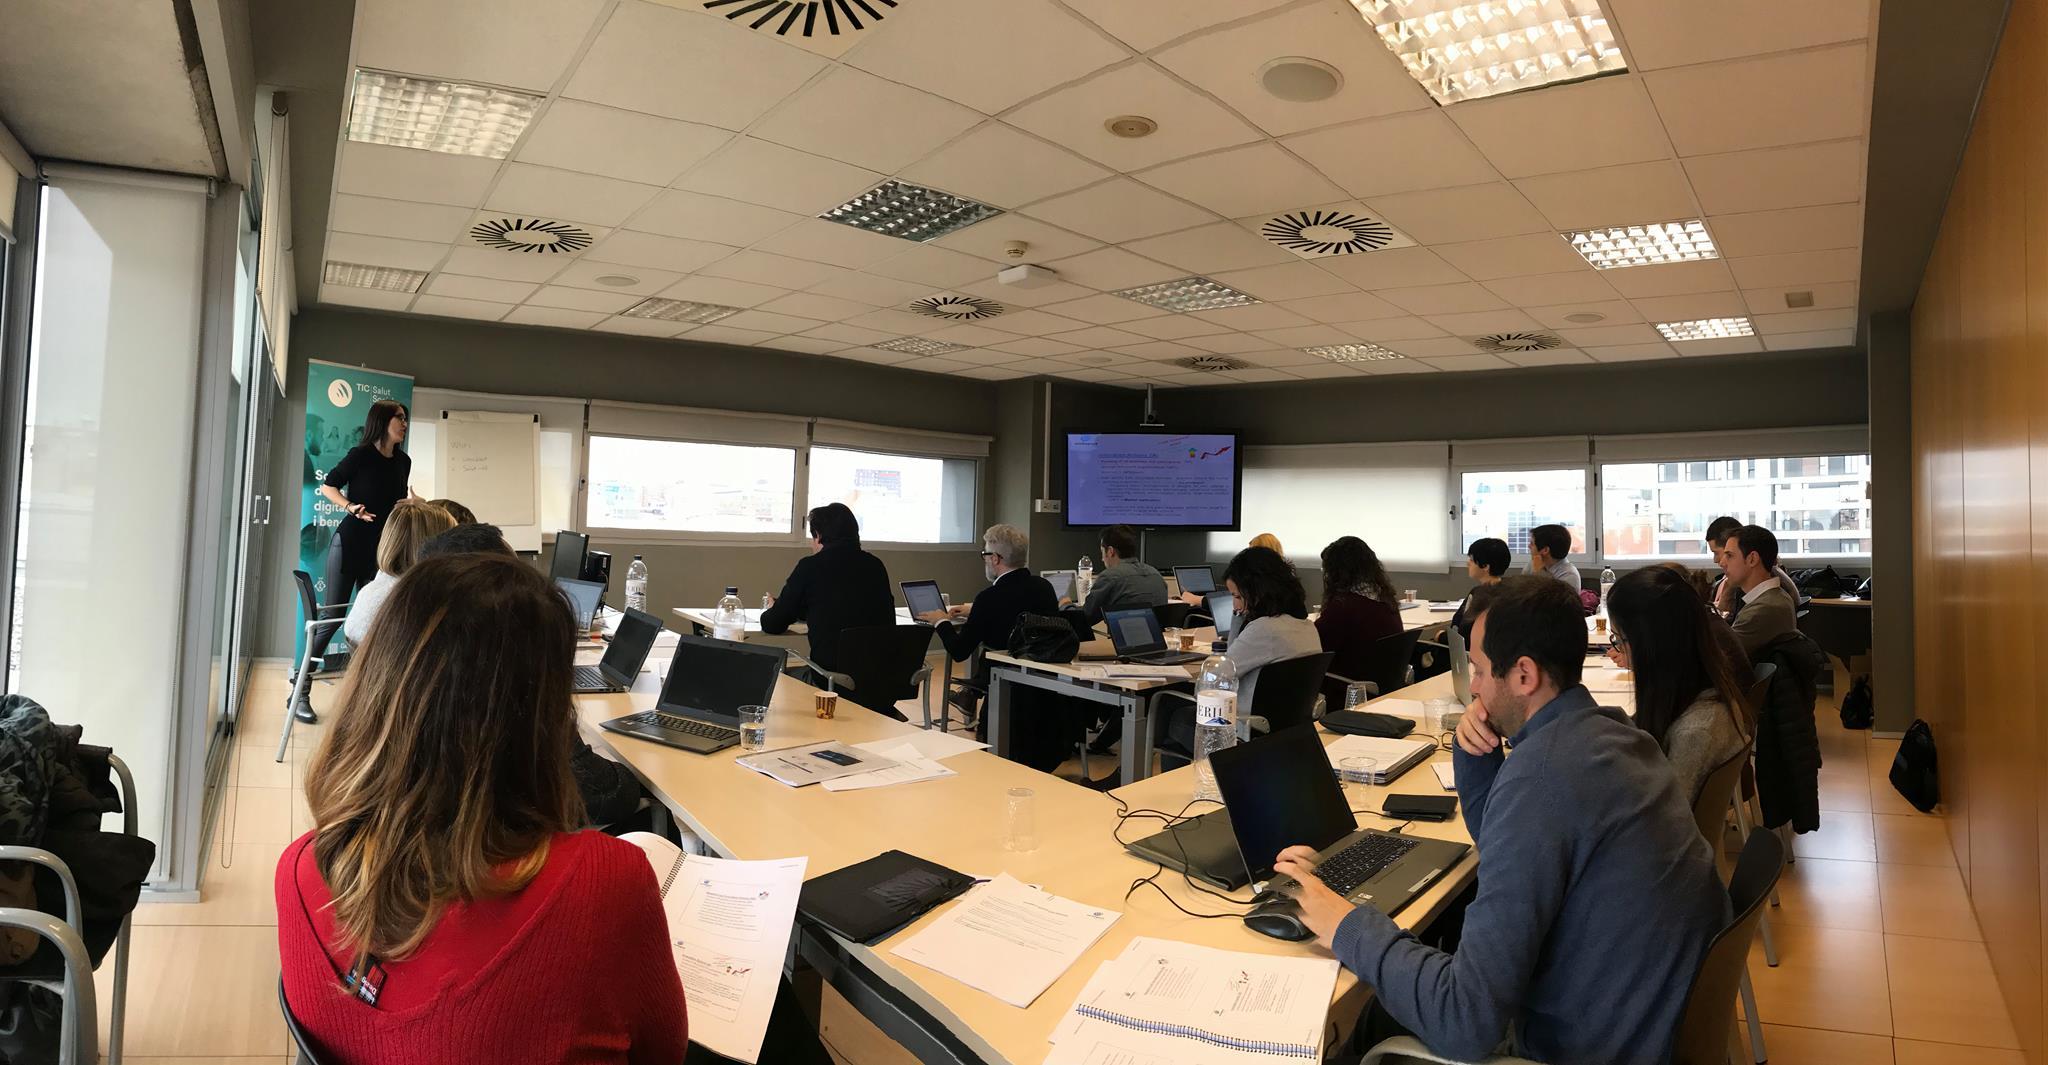 Un nou curs de la Fundació TIC Salut Social ajudarà als investigadors a redactar propostes competitives pel programa de finançament europeu Horizon 2020